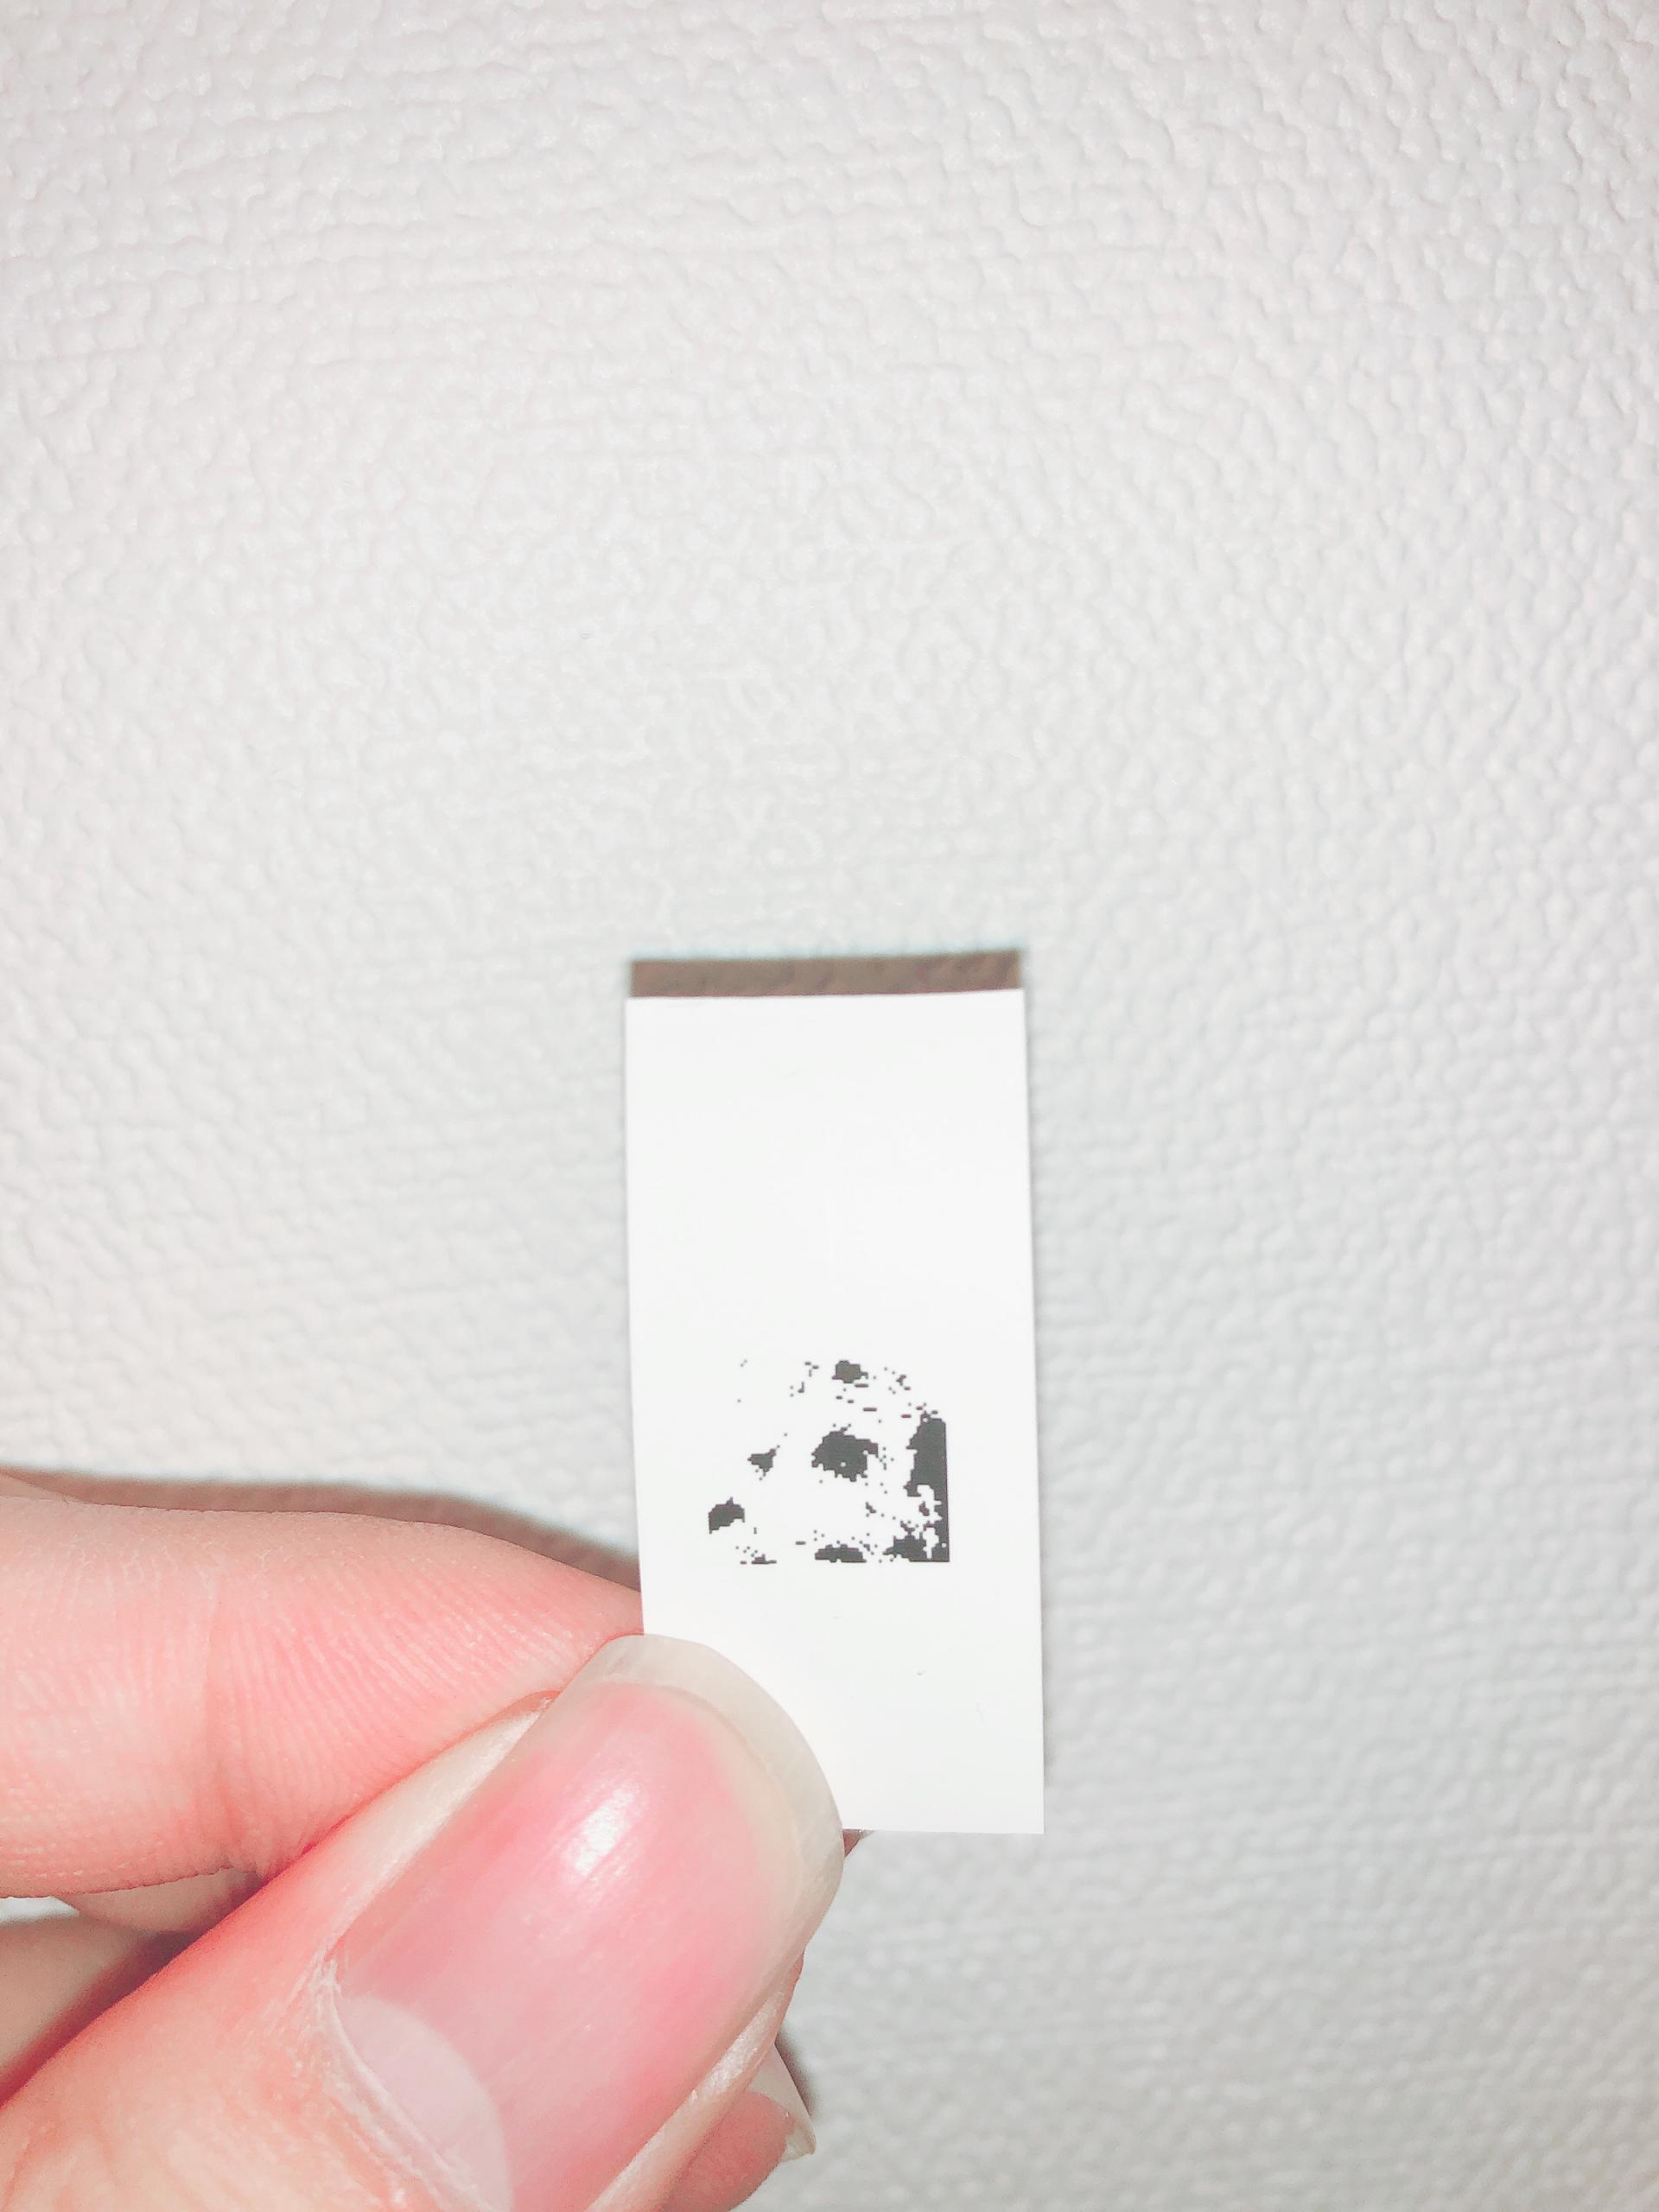 ラベルプリンターで犬の写真を印刷